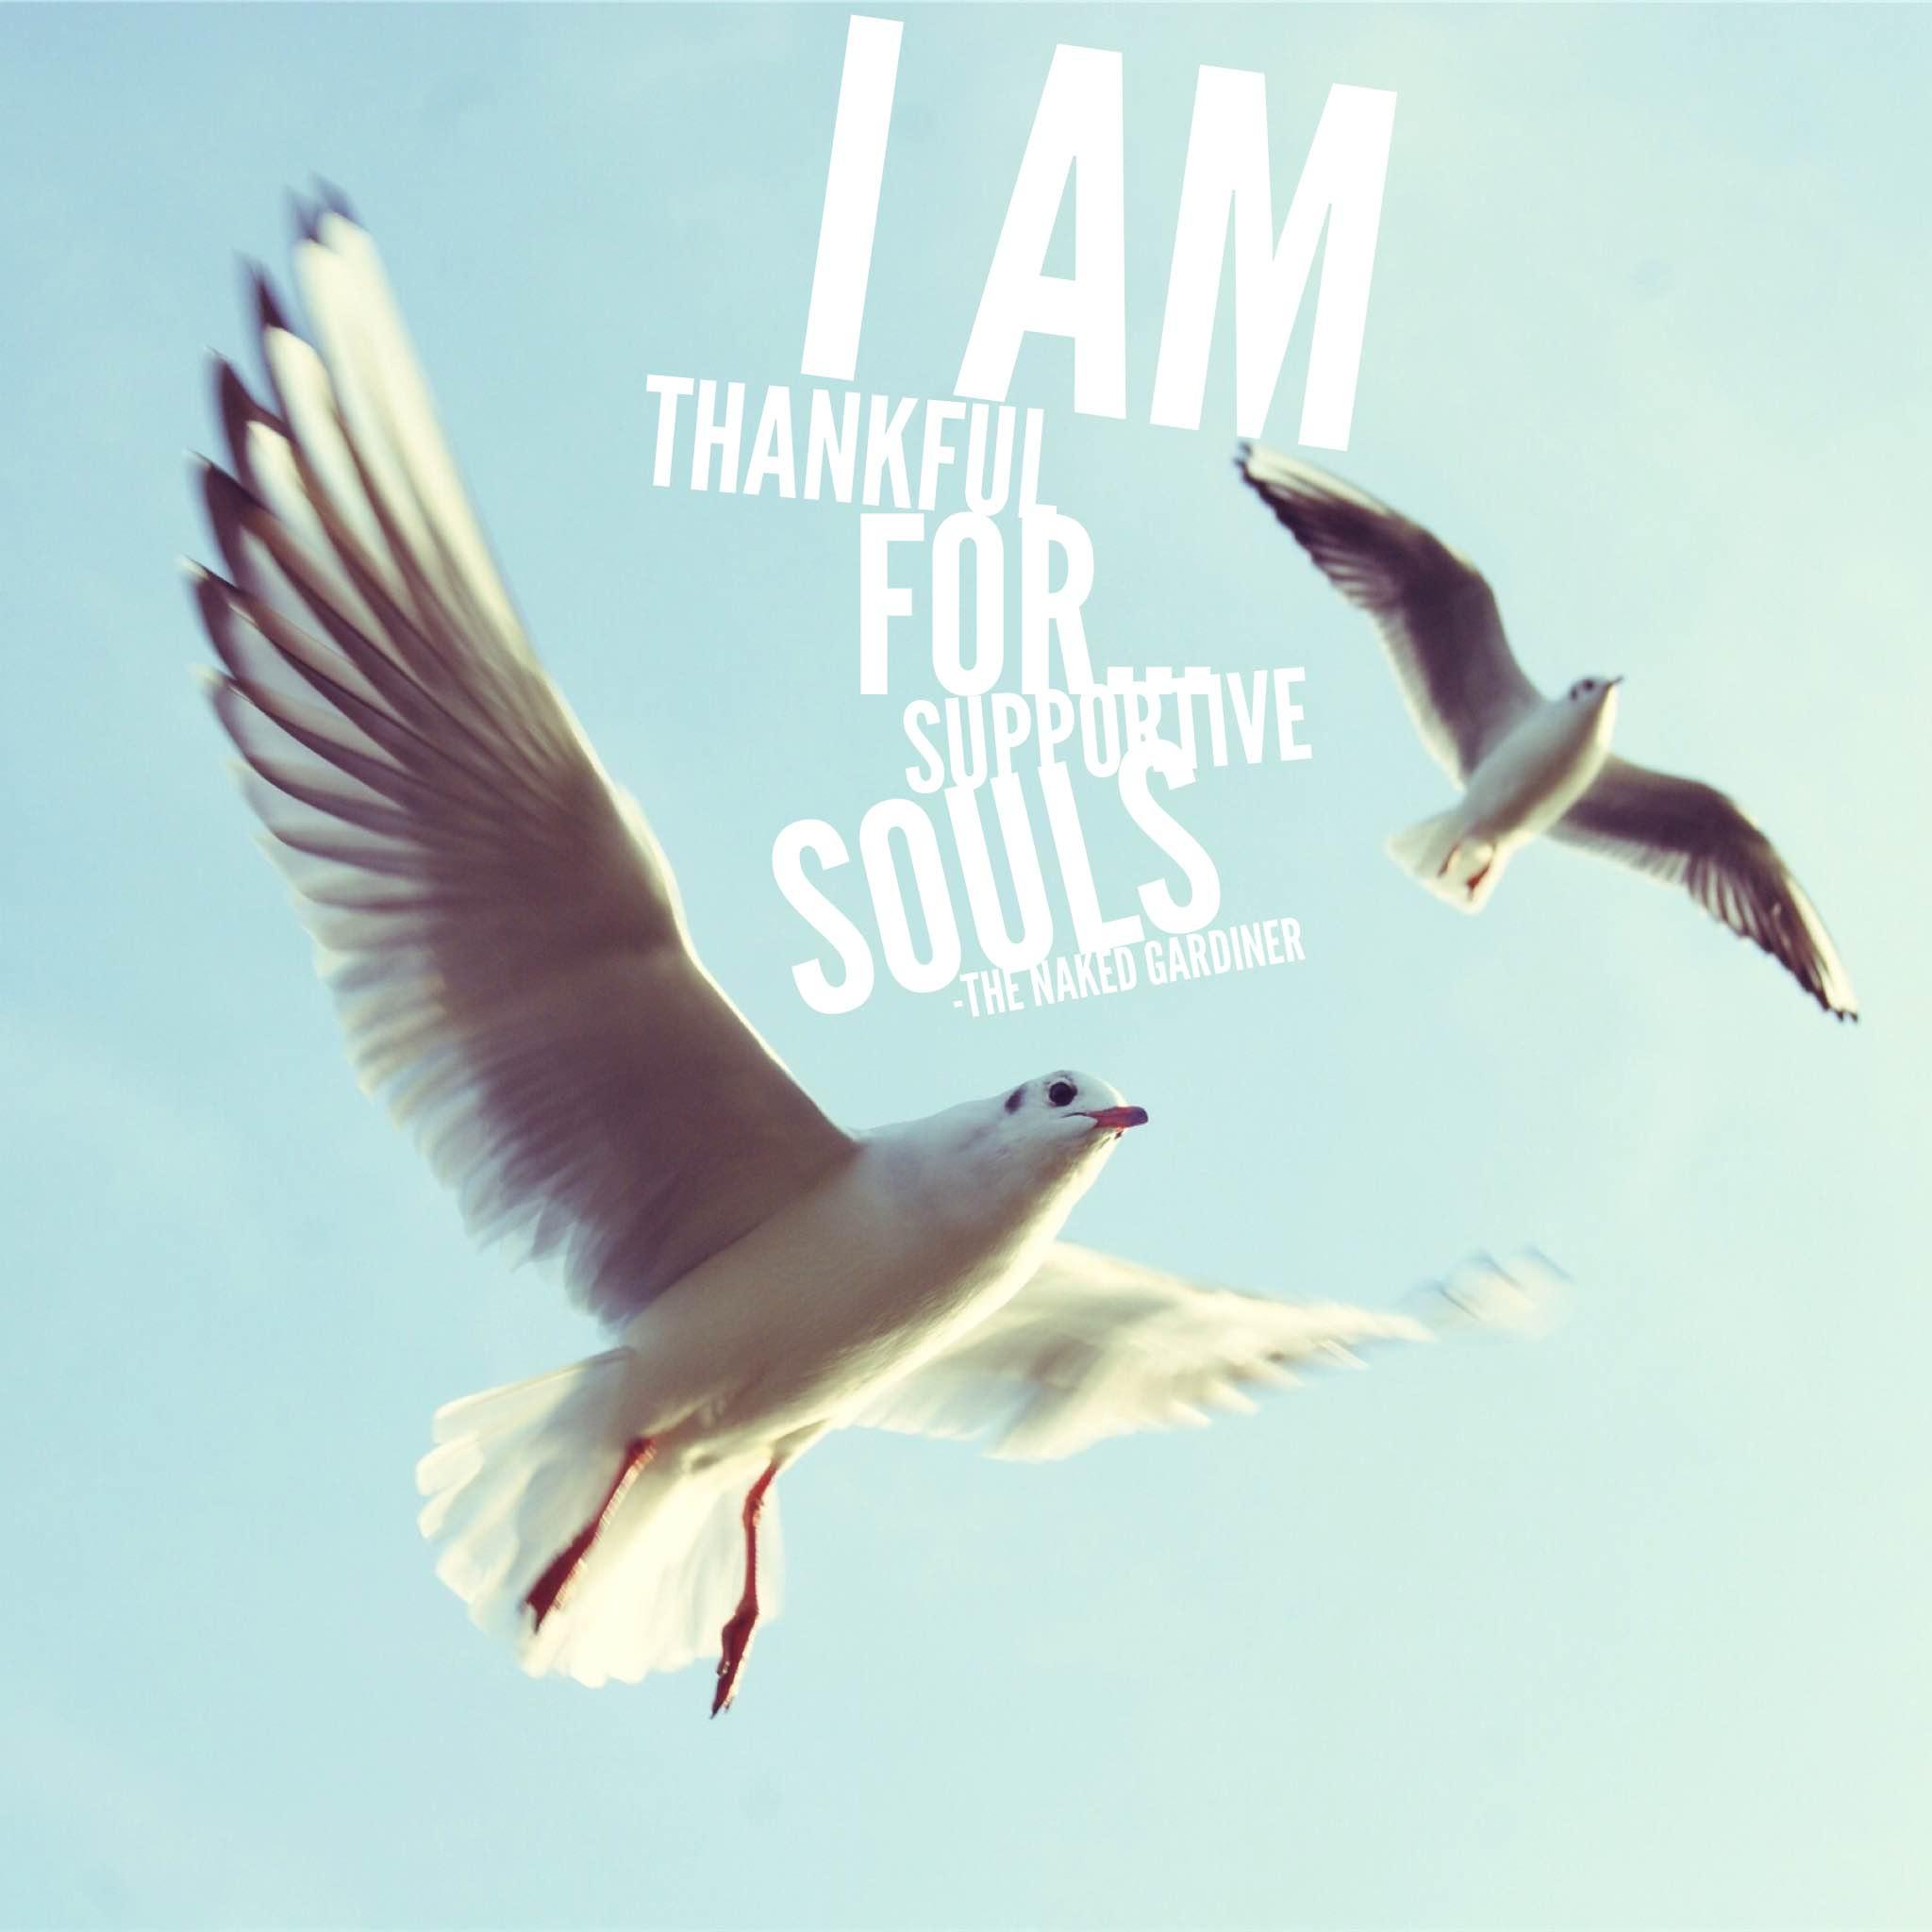 thankful-thursday-supportive-souls-thenakedgardiner